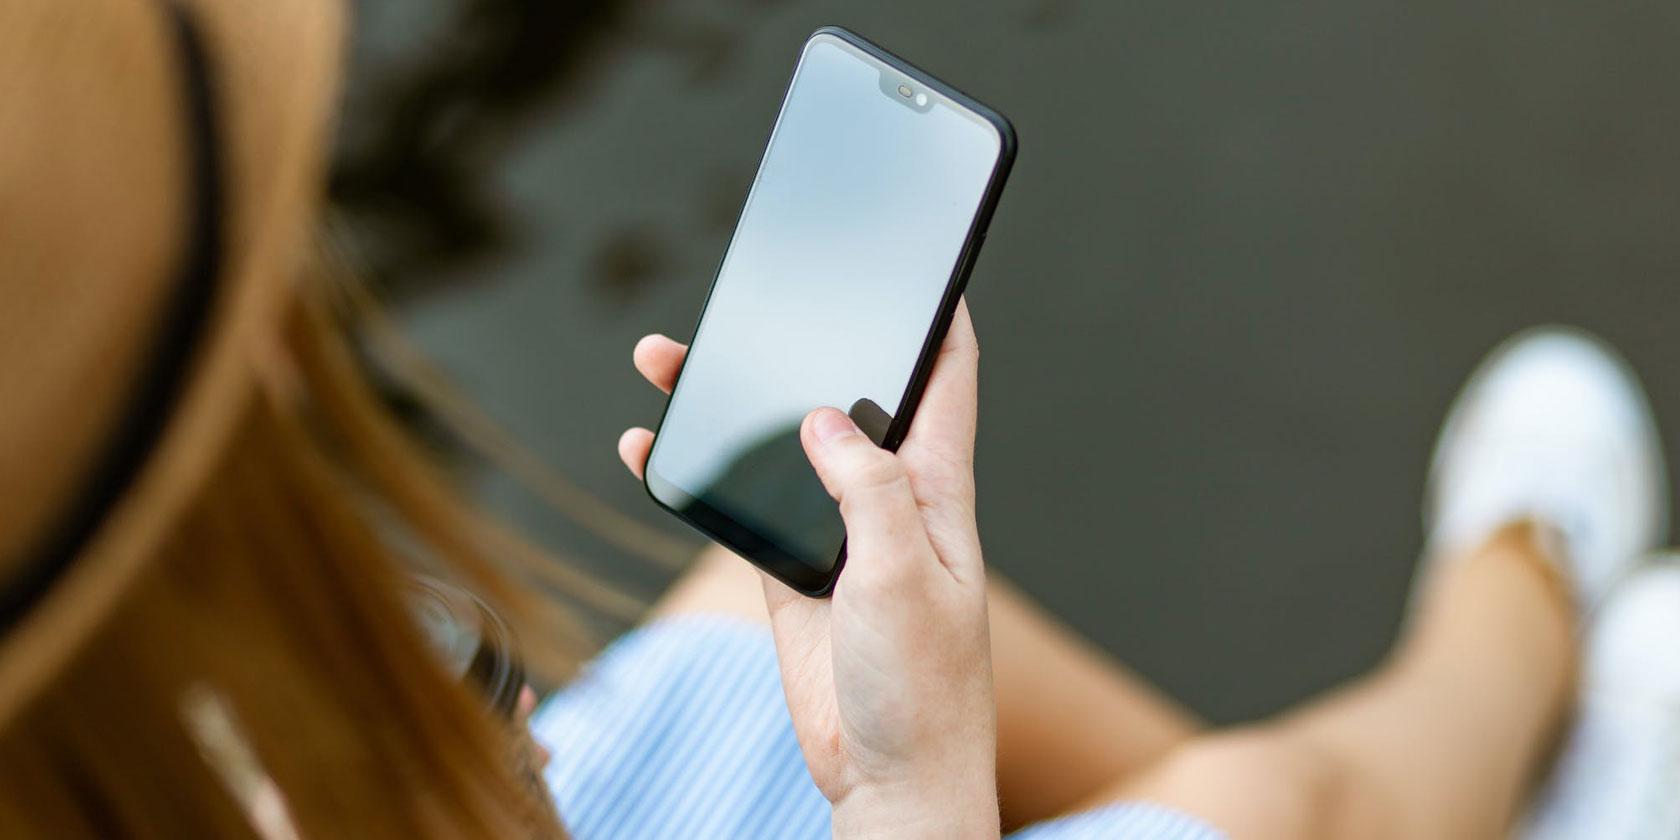 Mách bạn cách sử dụng tính năng Smart Lock để mở khoá điện thoại Android bằng… Wi-Fi